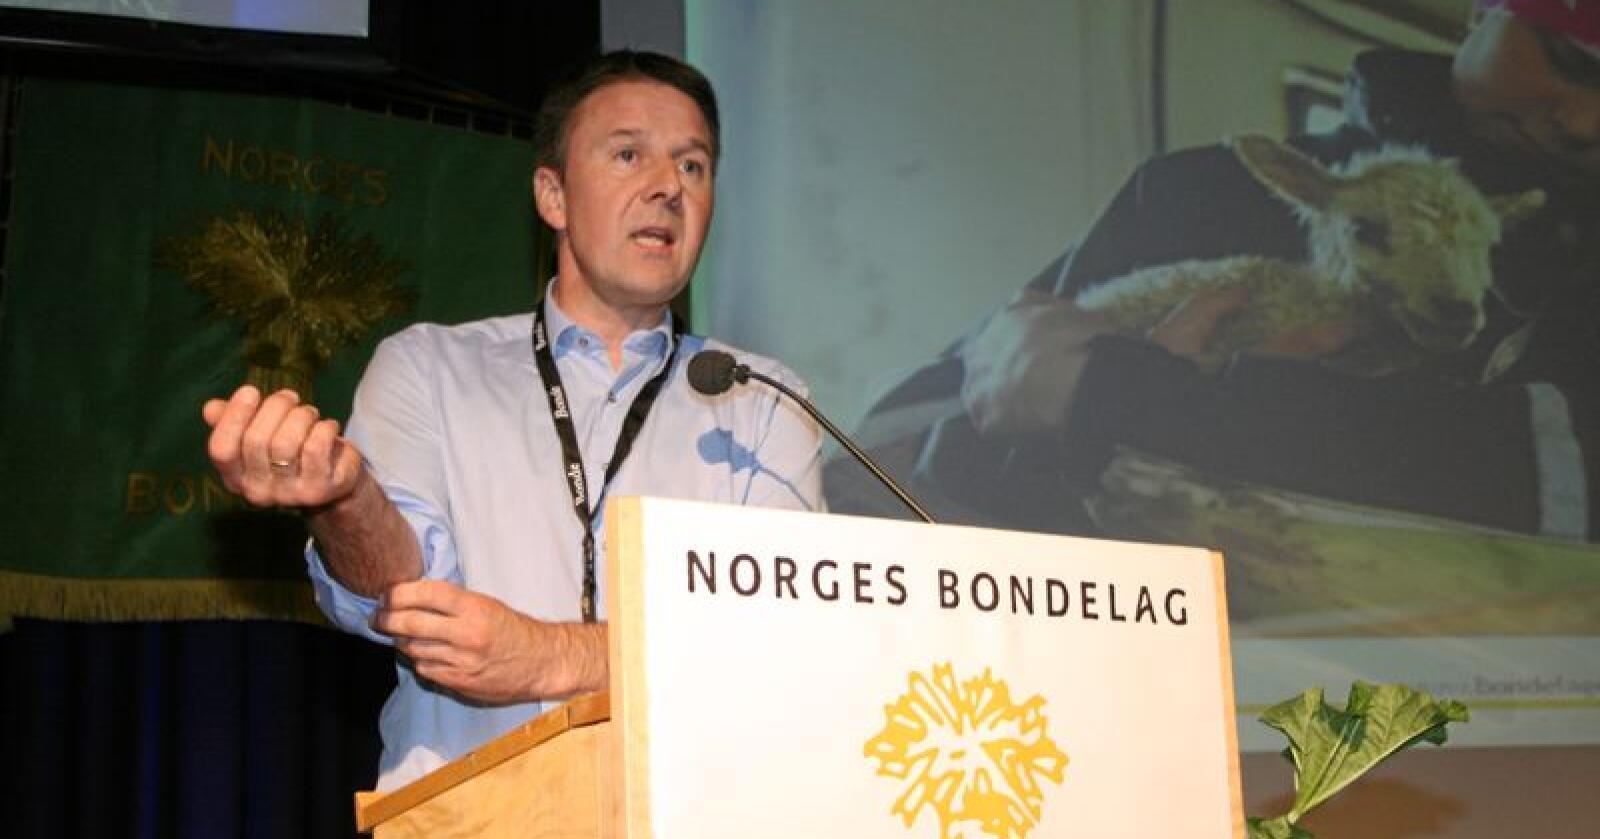 Kritisk: Leiar i Norges Bondelag, Lars Petter Bartnes, refsar regjeringa for å innskrenke næringsfridomen og kome med lovmessige inngrep mot grunneigarar. Foto: Bjarne Bekkeheien Aase